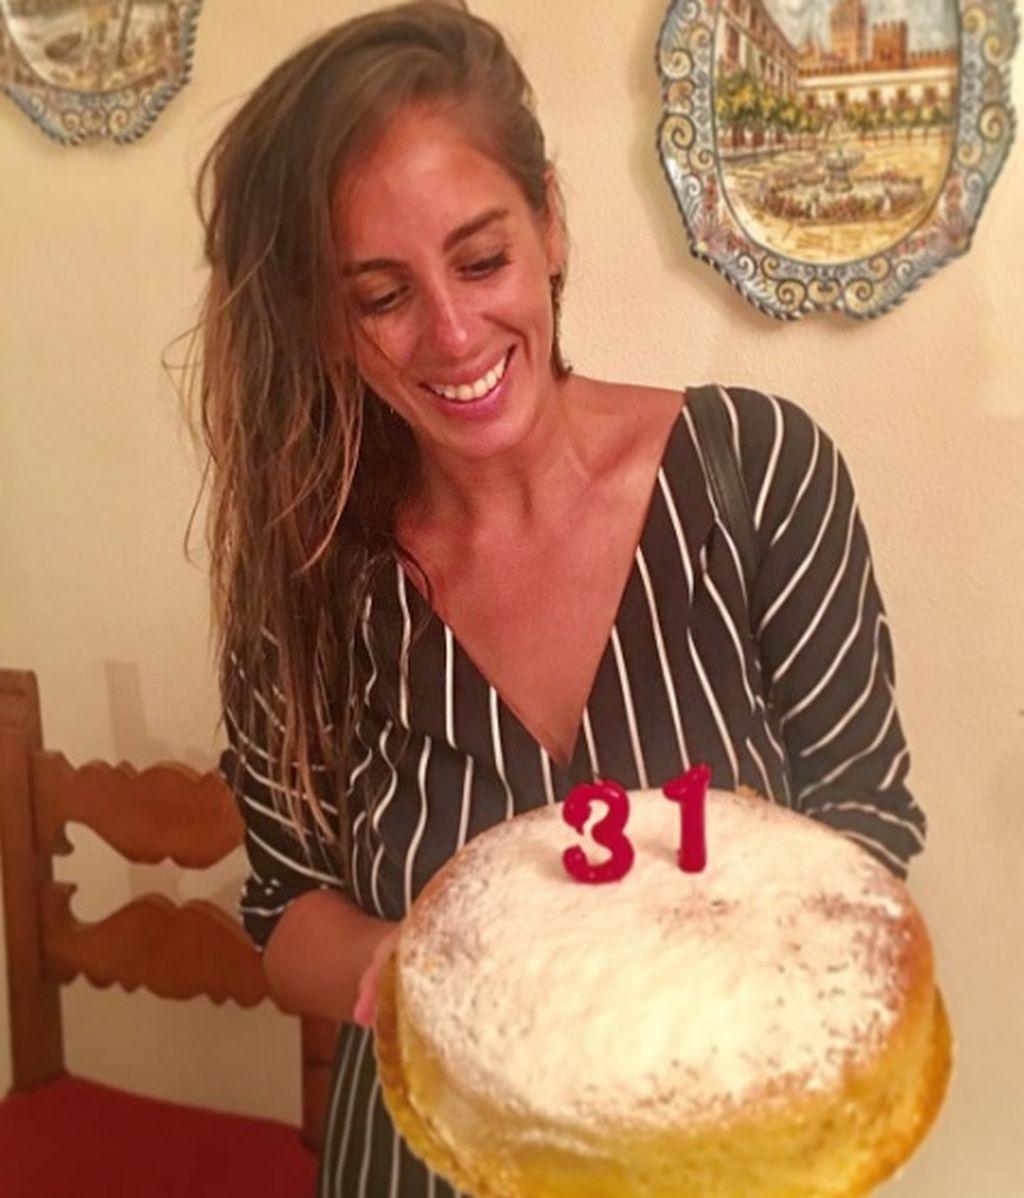 El cumpleaños más sensiblero de Anabel Pantoja